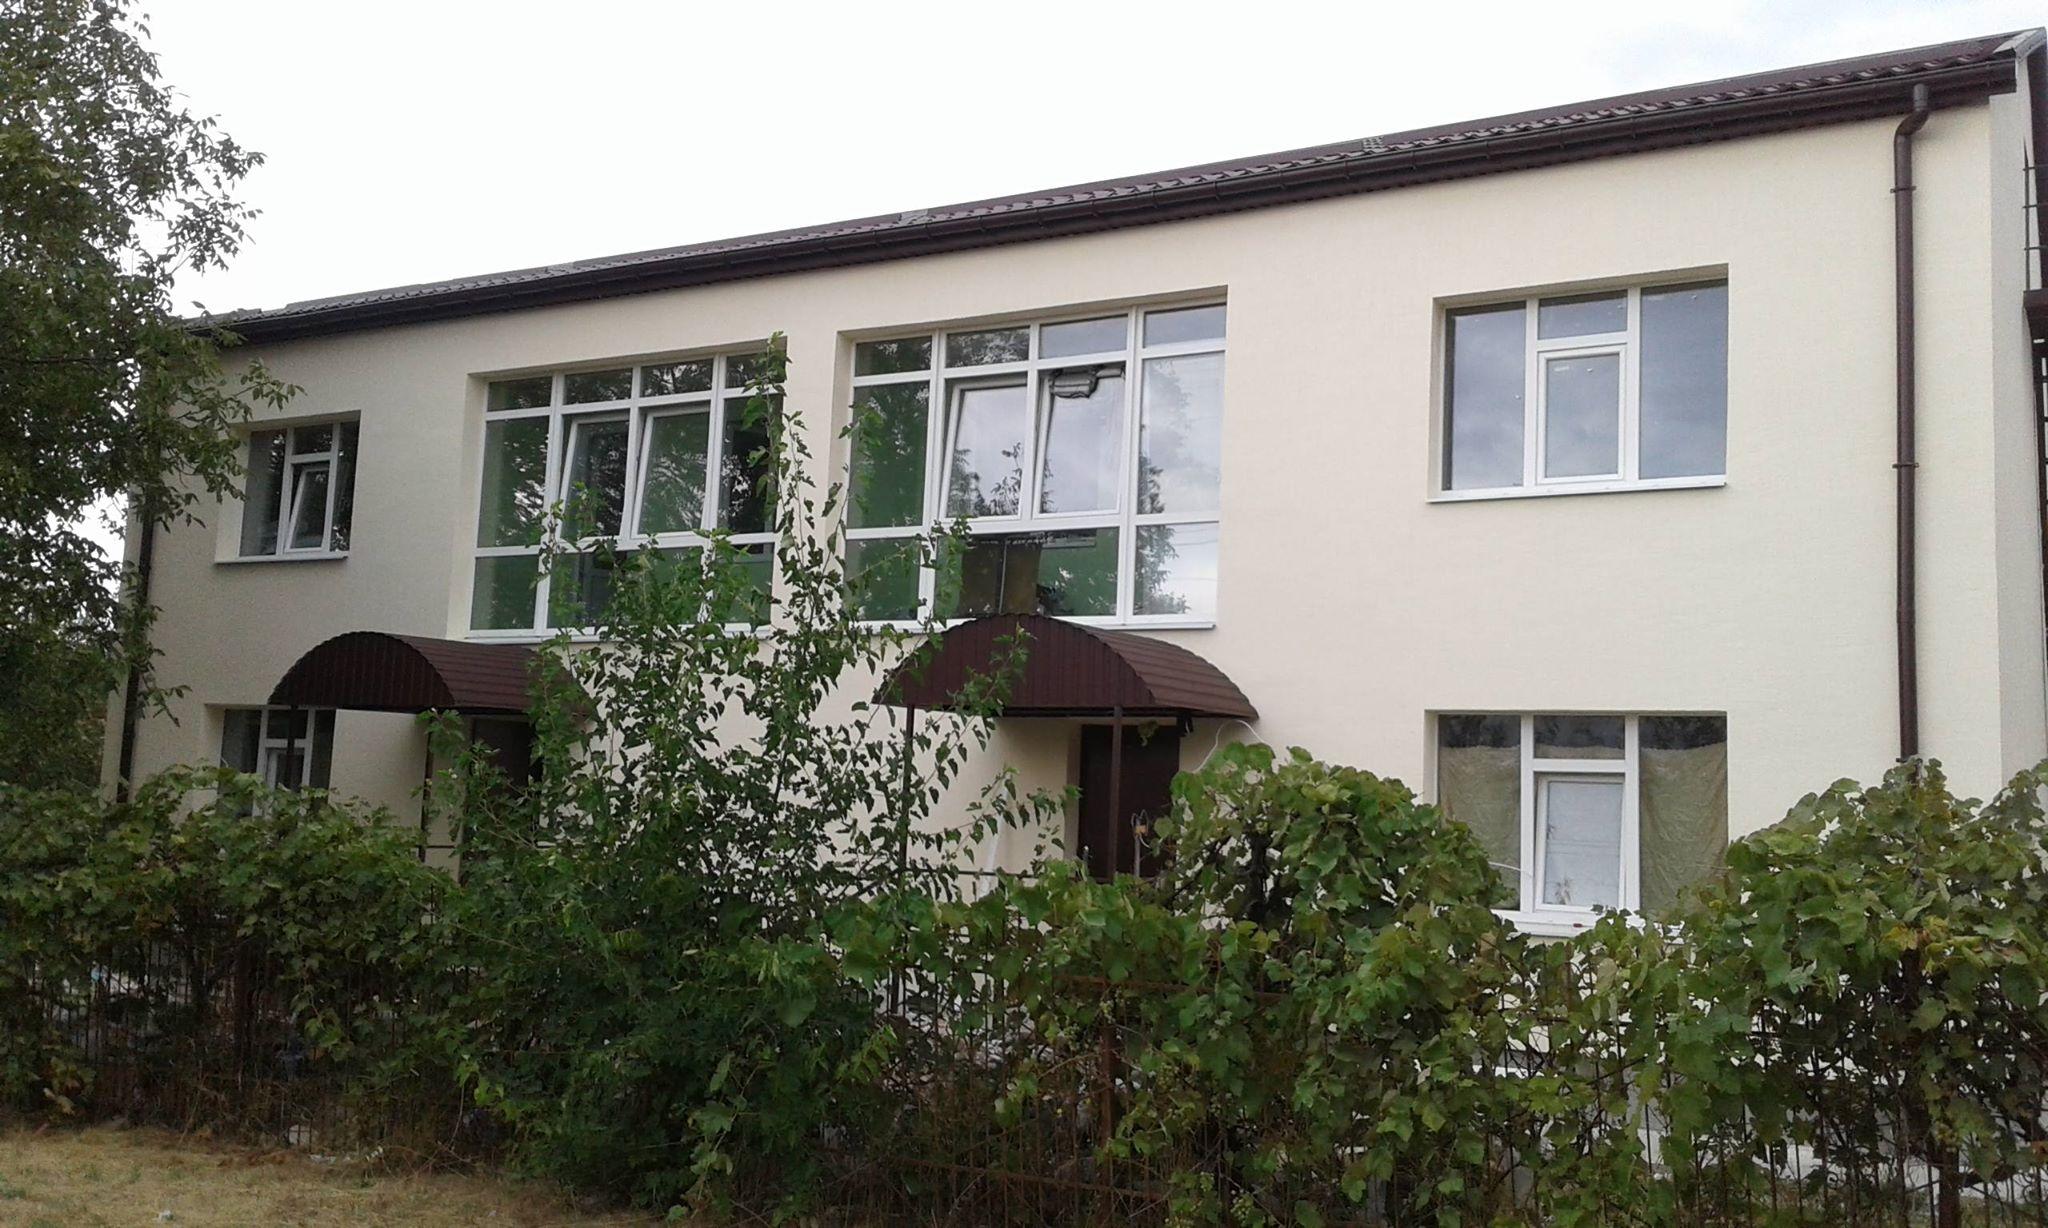 У Запорізькій області відкрили 3 соціальних гуртожитки і один 4-х квартирний будинок для ВПО